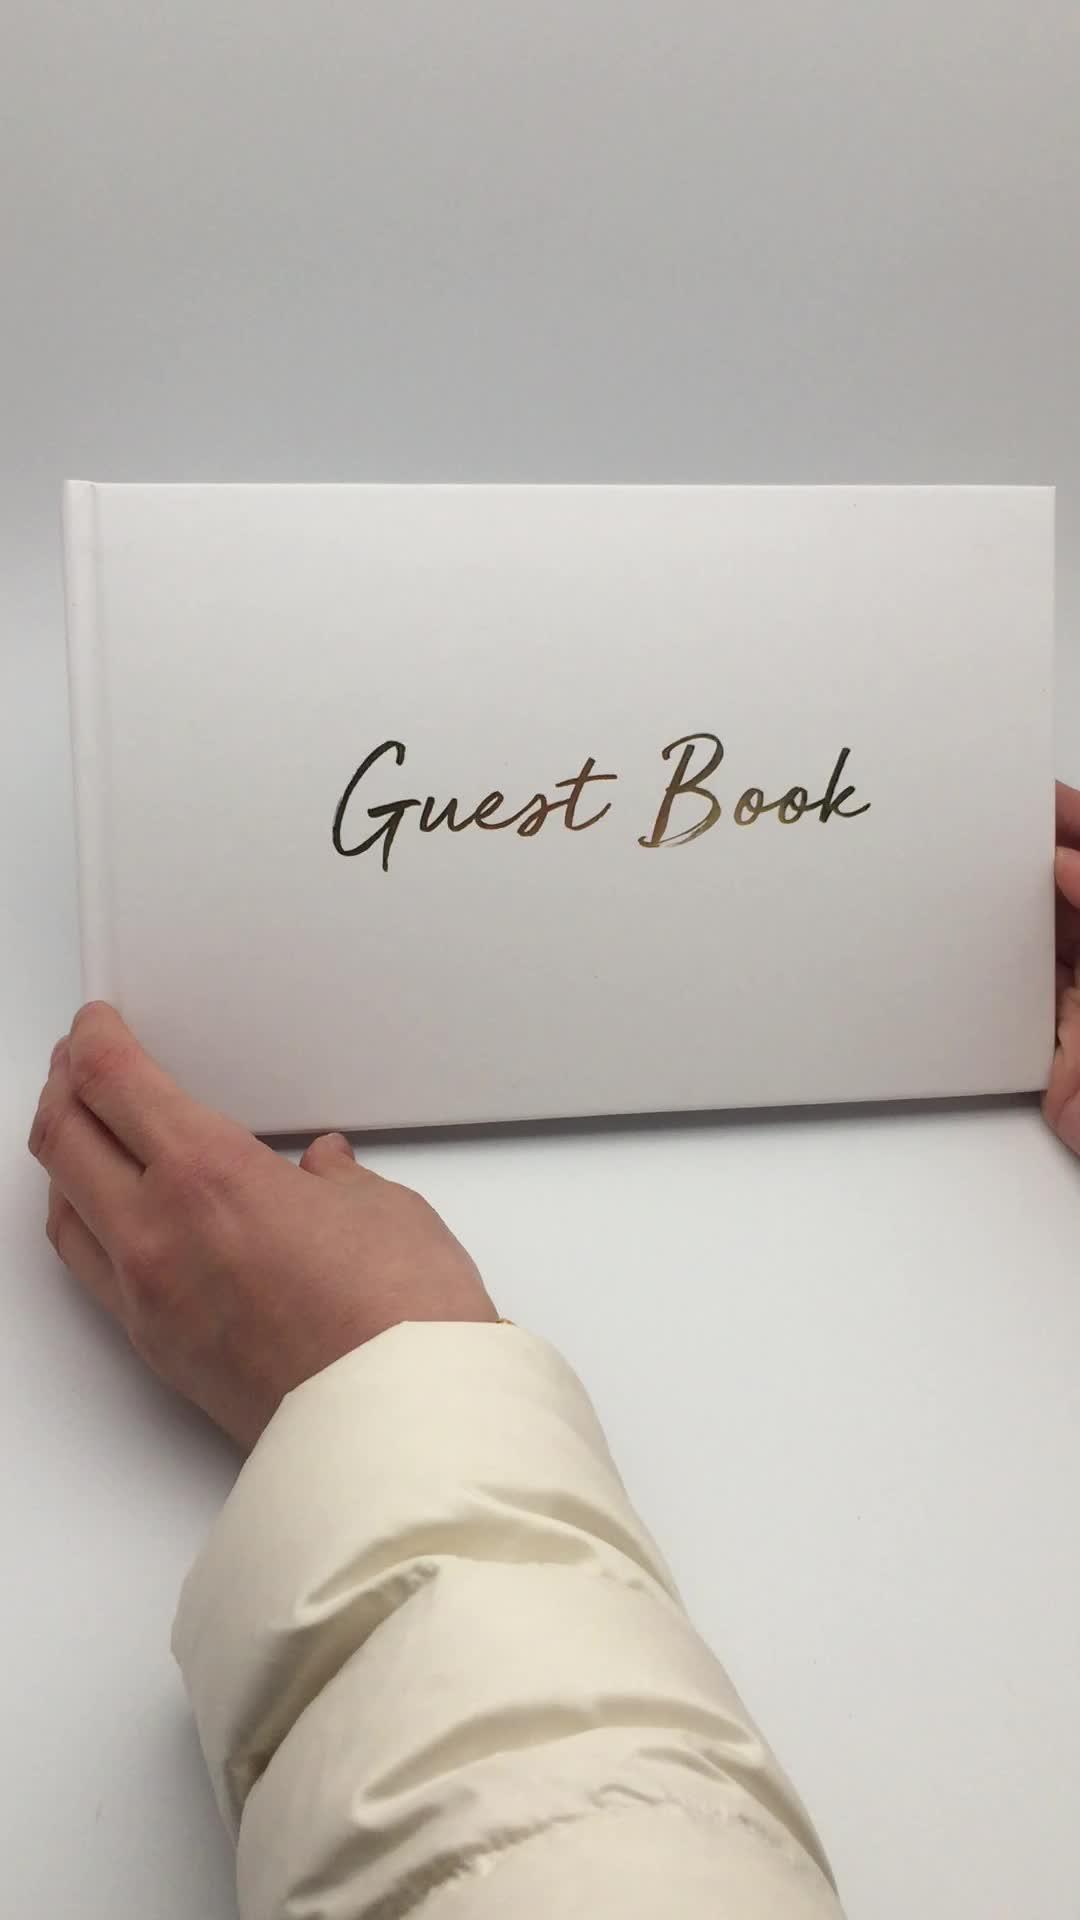 Dilian boda 2018 nuevo libro de invitados para el mercado europeo